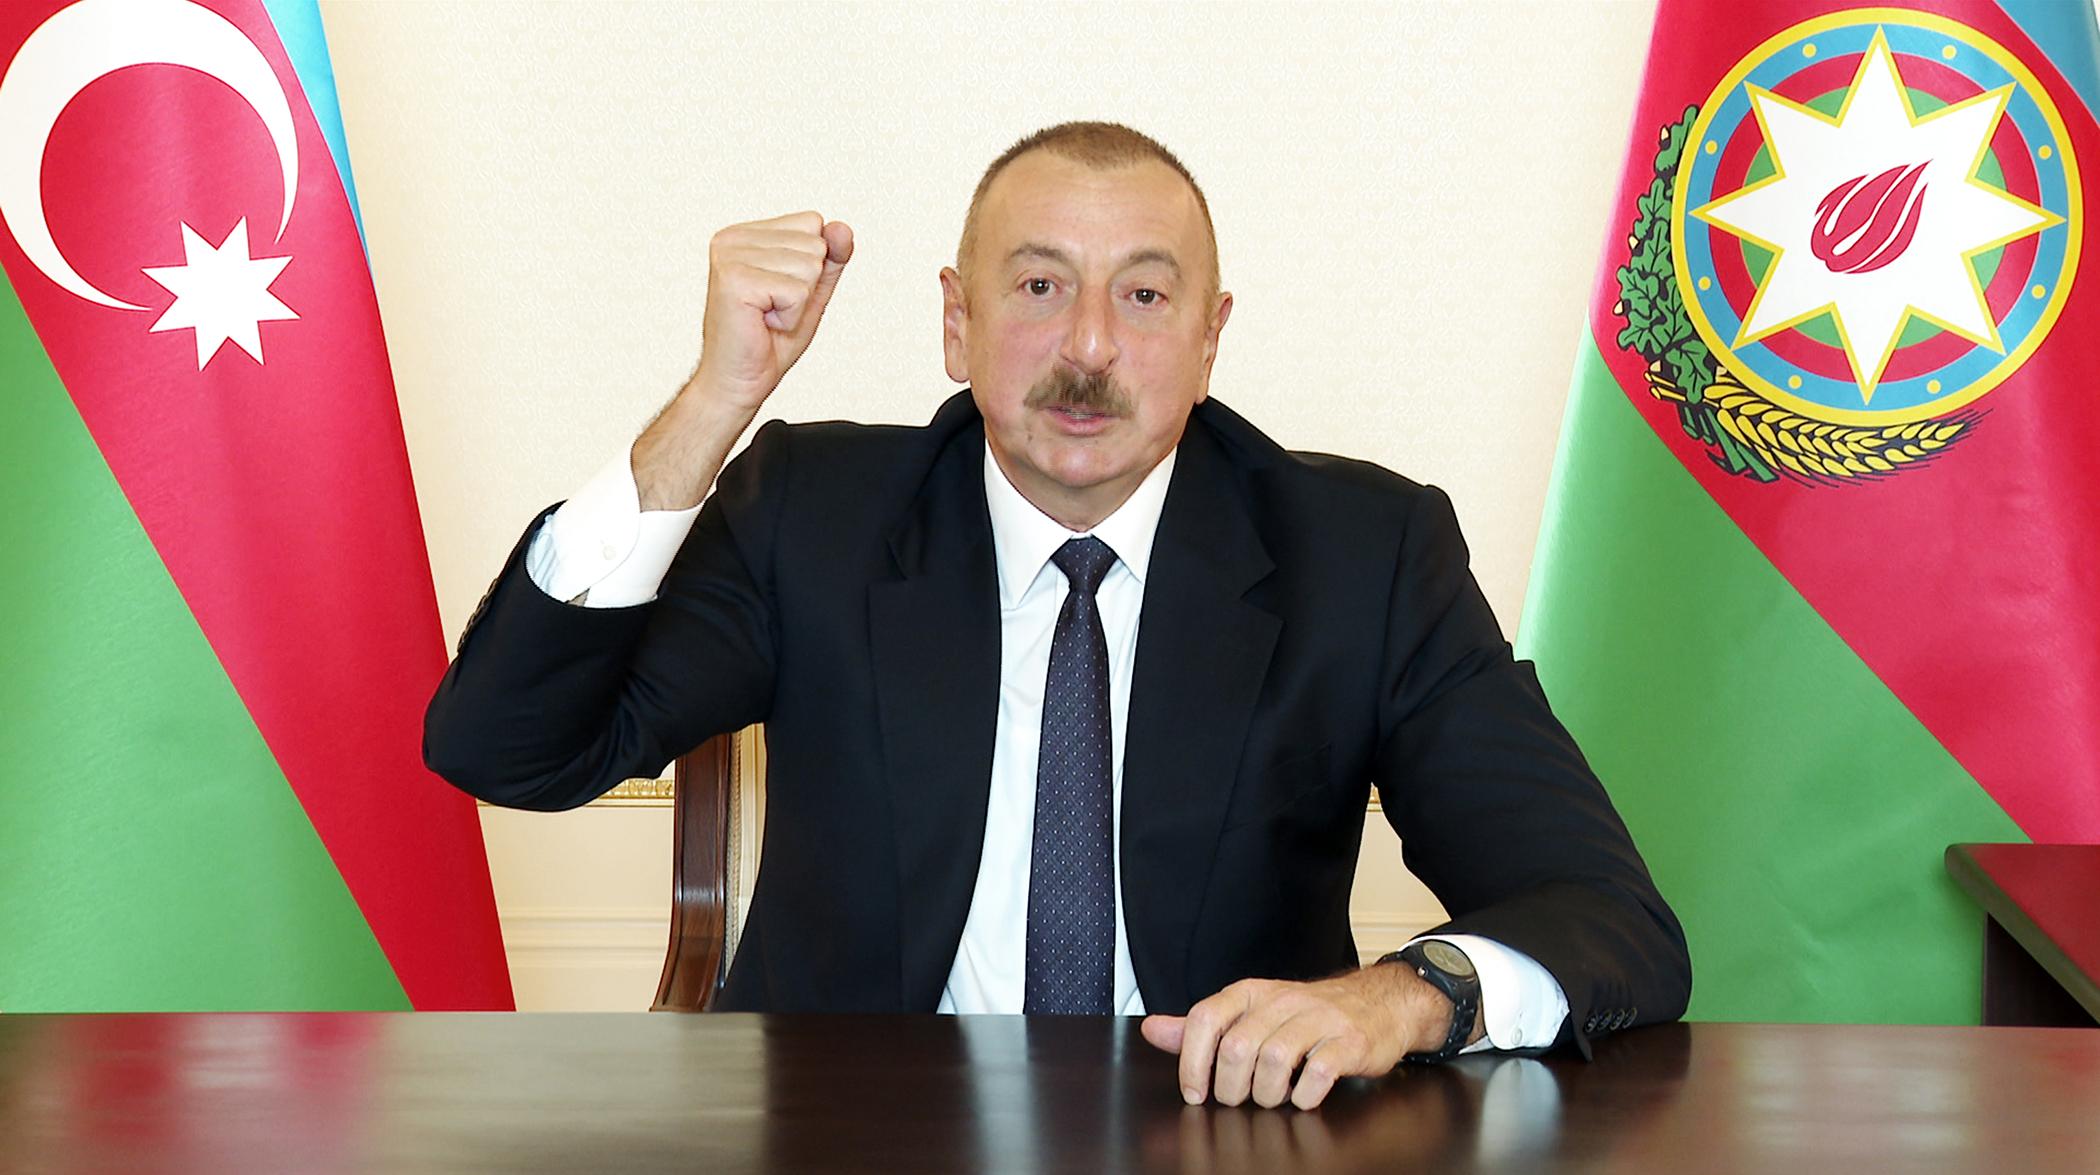 Prezident azad olunan yeni ərazilərlə bağlı müjdə, Paşinyana son şans verdi: